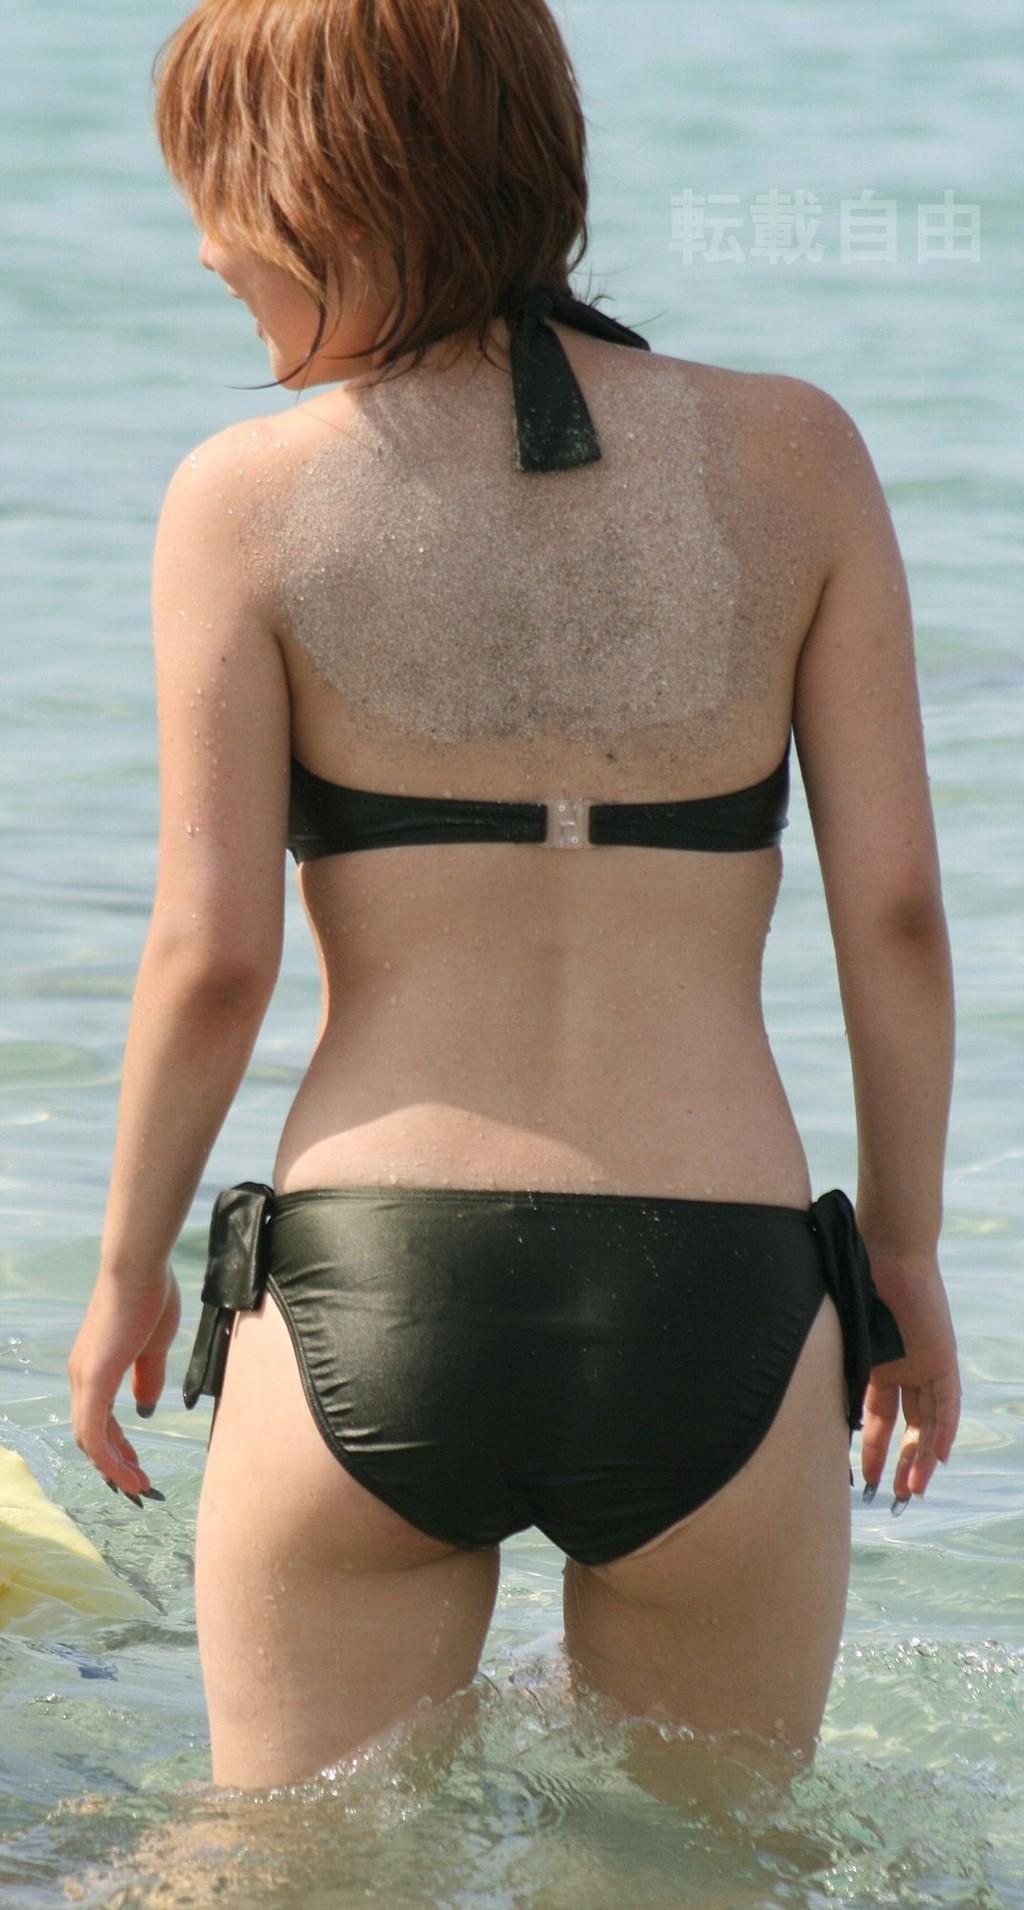 ビーチで遊んでる素人の水着 ビキニ姿のエロ画像 27